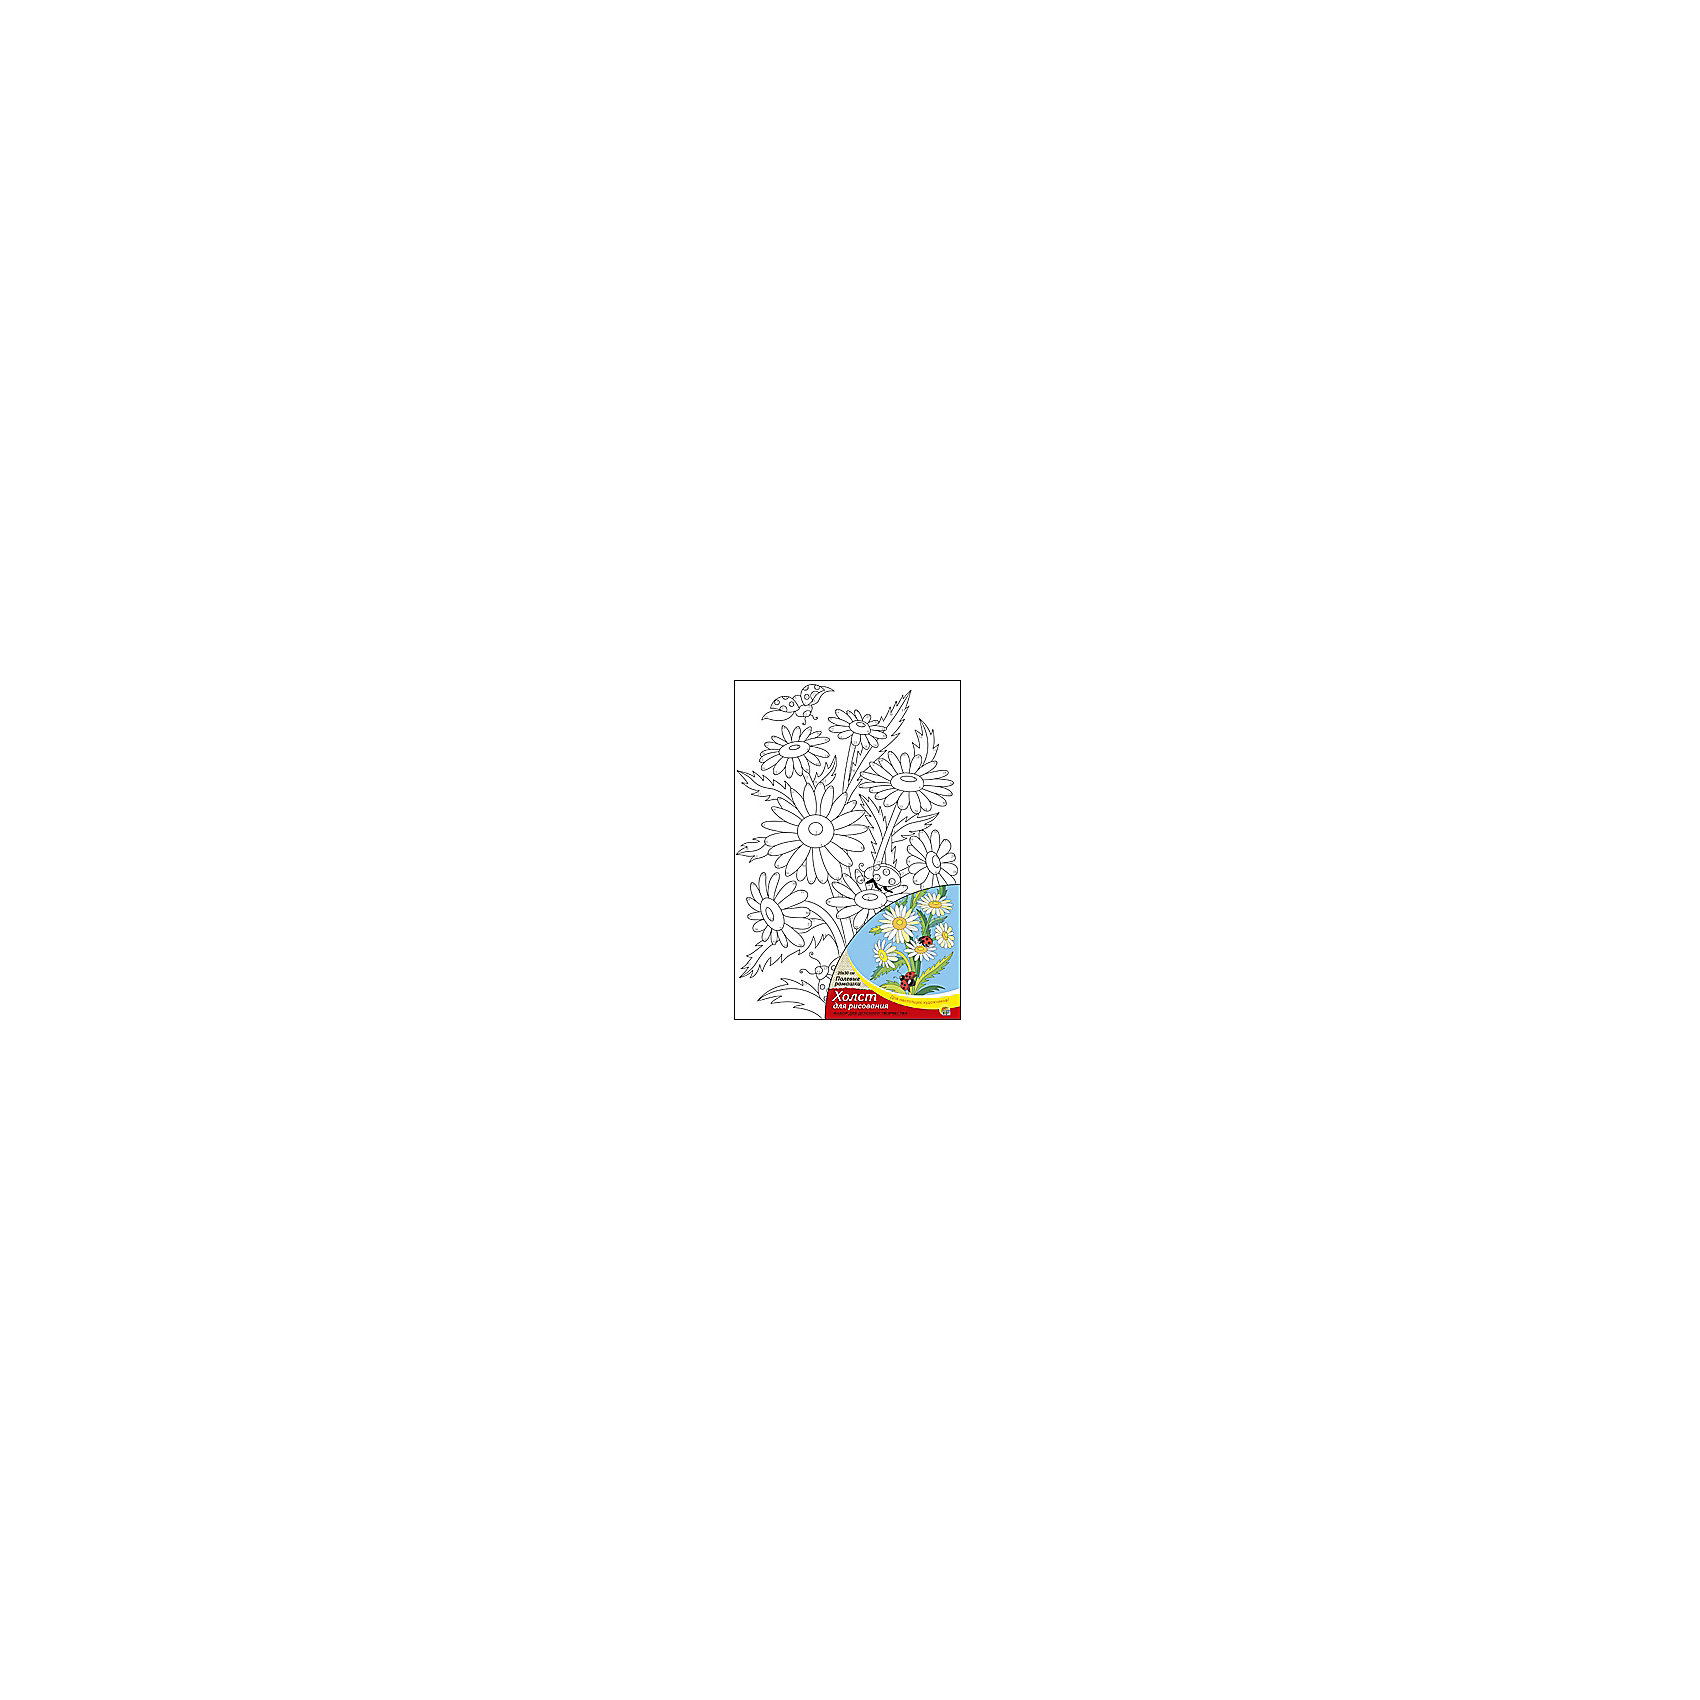 Холст с красками  по номерам Полевые ромашки, 20х30 смРисование<br>С помощью холста с красками Полевые ромашки ребенок сможет создать настоящий шедевр своими руками! Для этого нужно лишь нанести краски по соответствующим номерам на холст. Рисование развивает внимательность, аккуратность и усидчивость. Отличный подарок маленьким художникам!<br><br>Дополнительная информация:<br>В наборе: холст-эскиз, 7 акриловых красок, кисточка<br>Размер: 20х1,5х30 см<br>Вес: 230 грамм<br>Холст с красками Полевые ромашки вы можете приобрести в нашем интернет-магазине.<br><br>Ширина мм: 300<br>Глубина мм: 15<br>Высота мм: 200<br>Вес г: 230<br>Возраст от месяцев: 36<br>Возраст до месяцев: 120<br>Пол: Унисекс<br>Возраст: Детский<br>SKU: 4939535